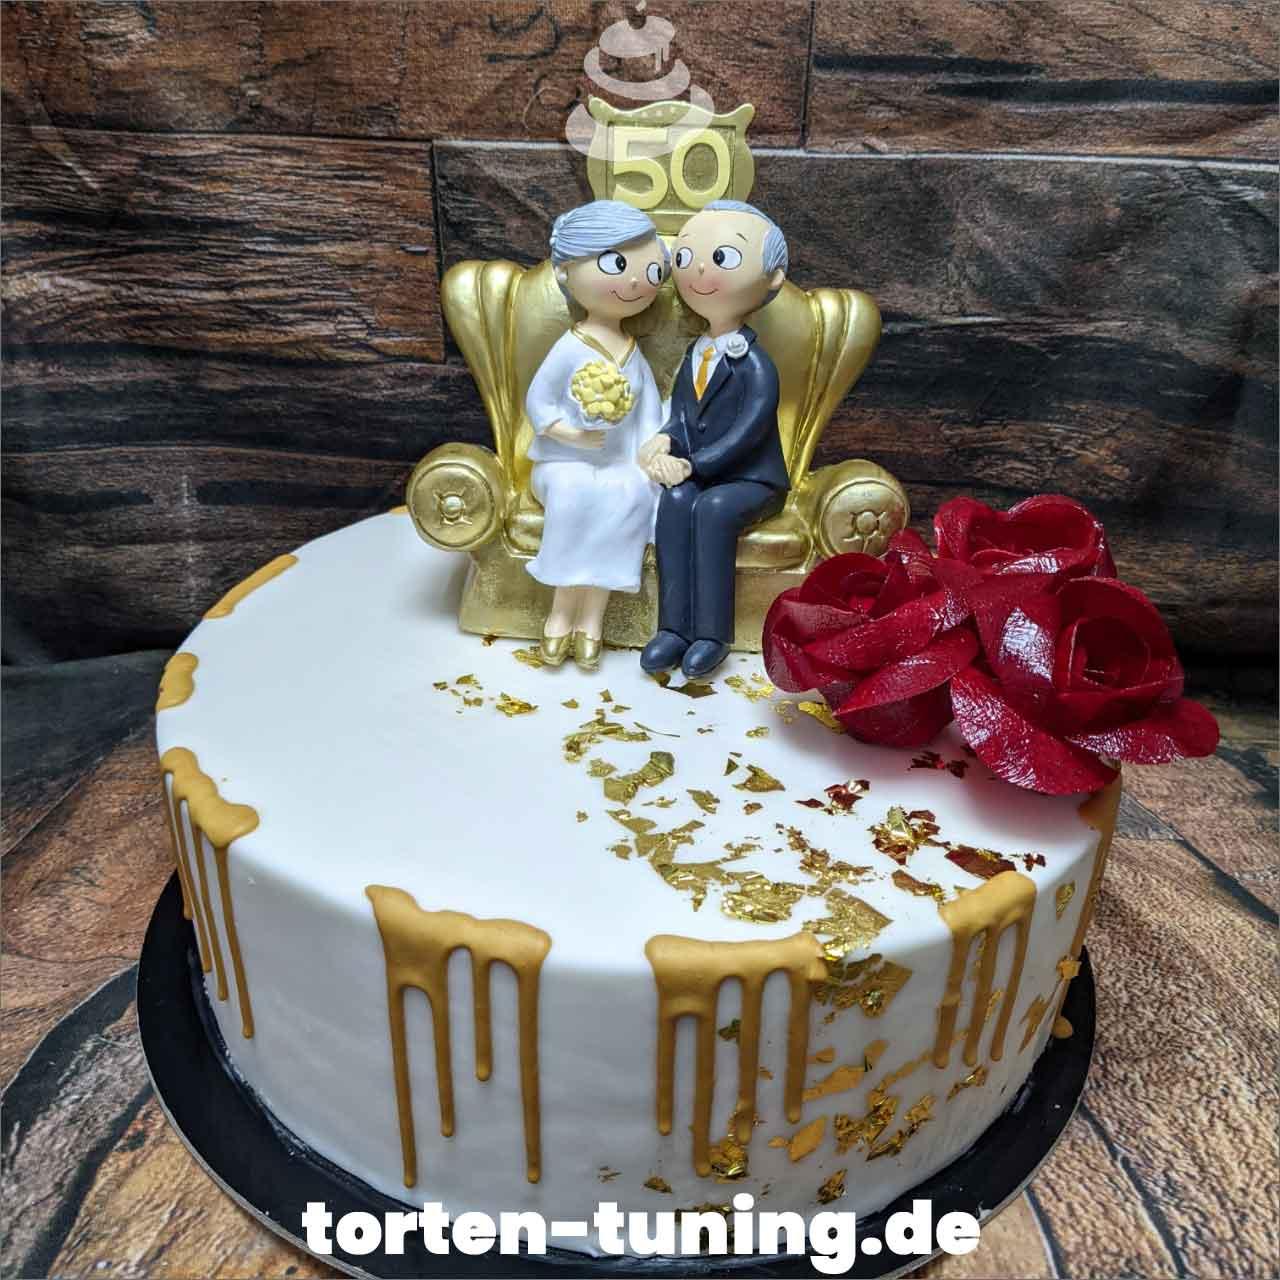 50. Hochzeitstag Dripcake Obsttorte Geburtstagstorte Motivtorte Torte Tortendekoration Torte online bestellen Suhl Thüringen Torten Tuning Sahnetorte Tortenfiguren Cake Topper